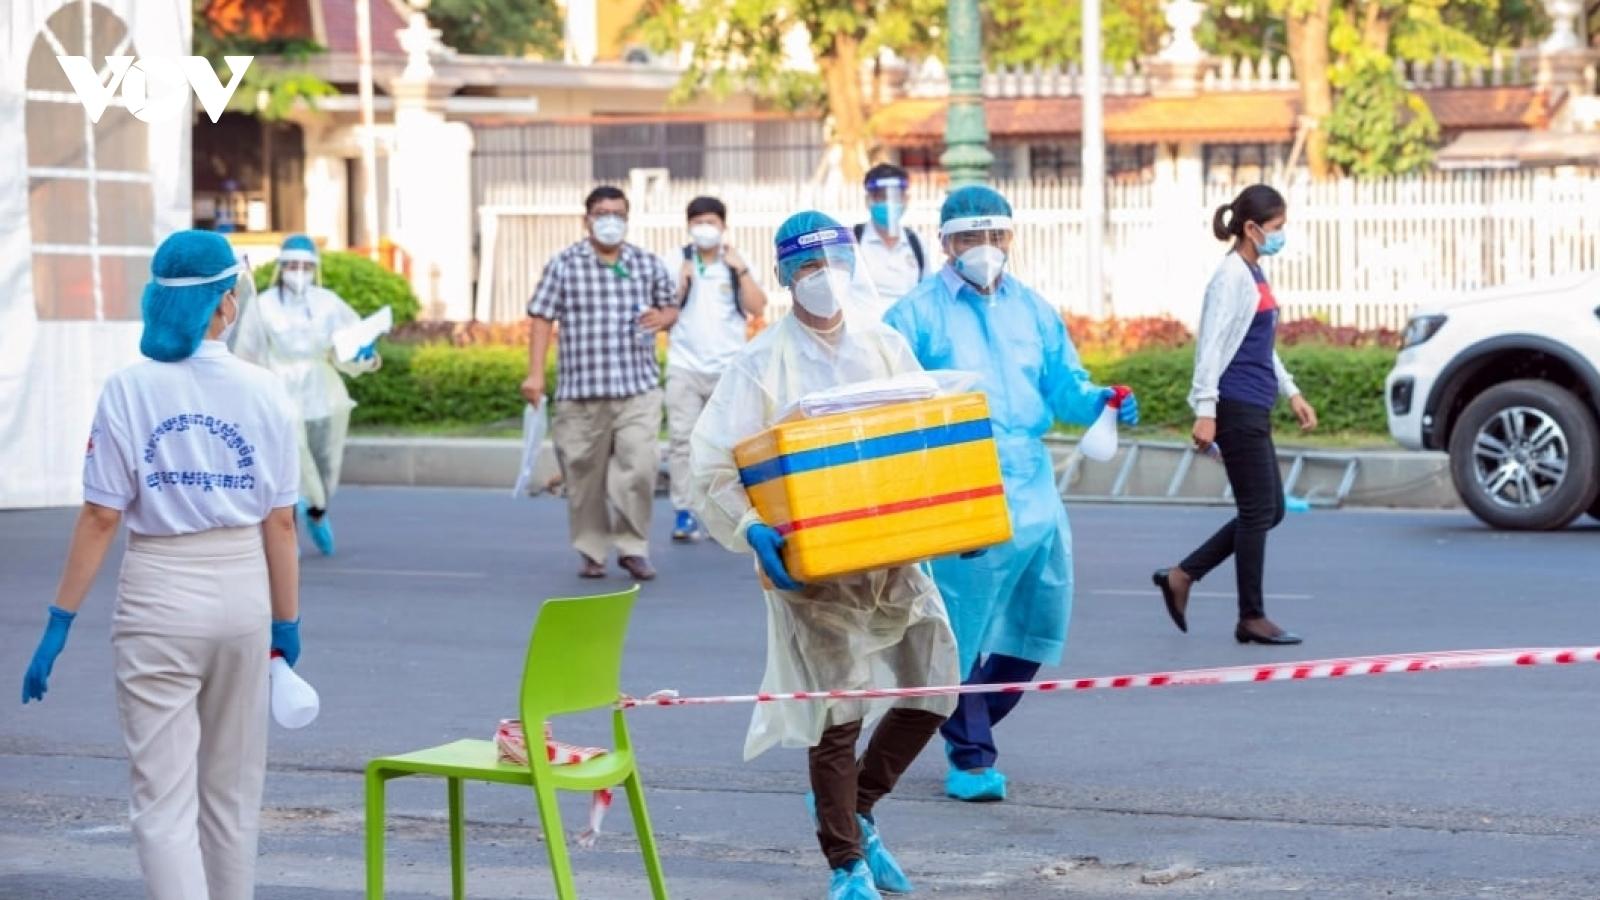 Bộ Y tế Campuchia ra cảnh báo khi số ca COVID-19 trong cộng đồng tăng liên tục